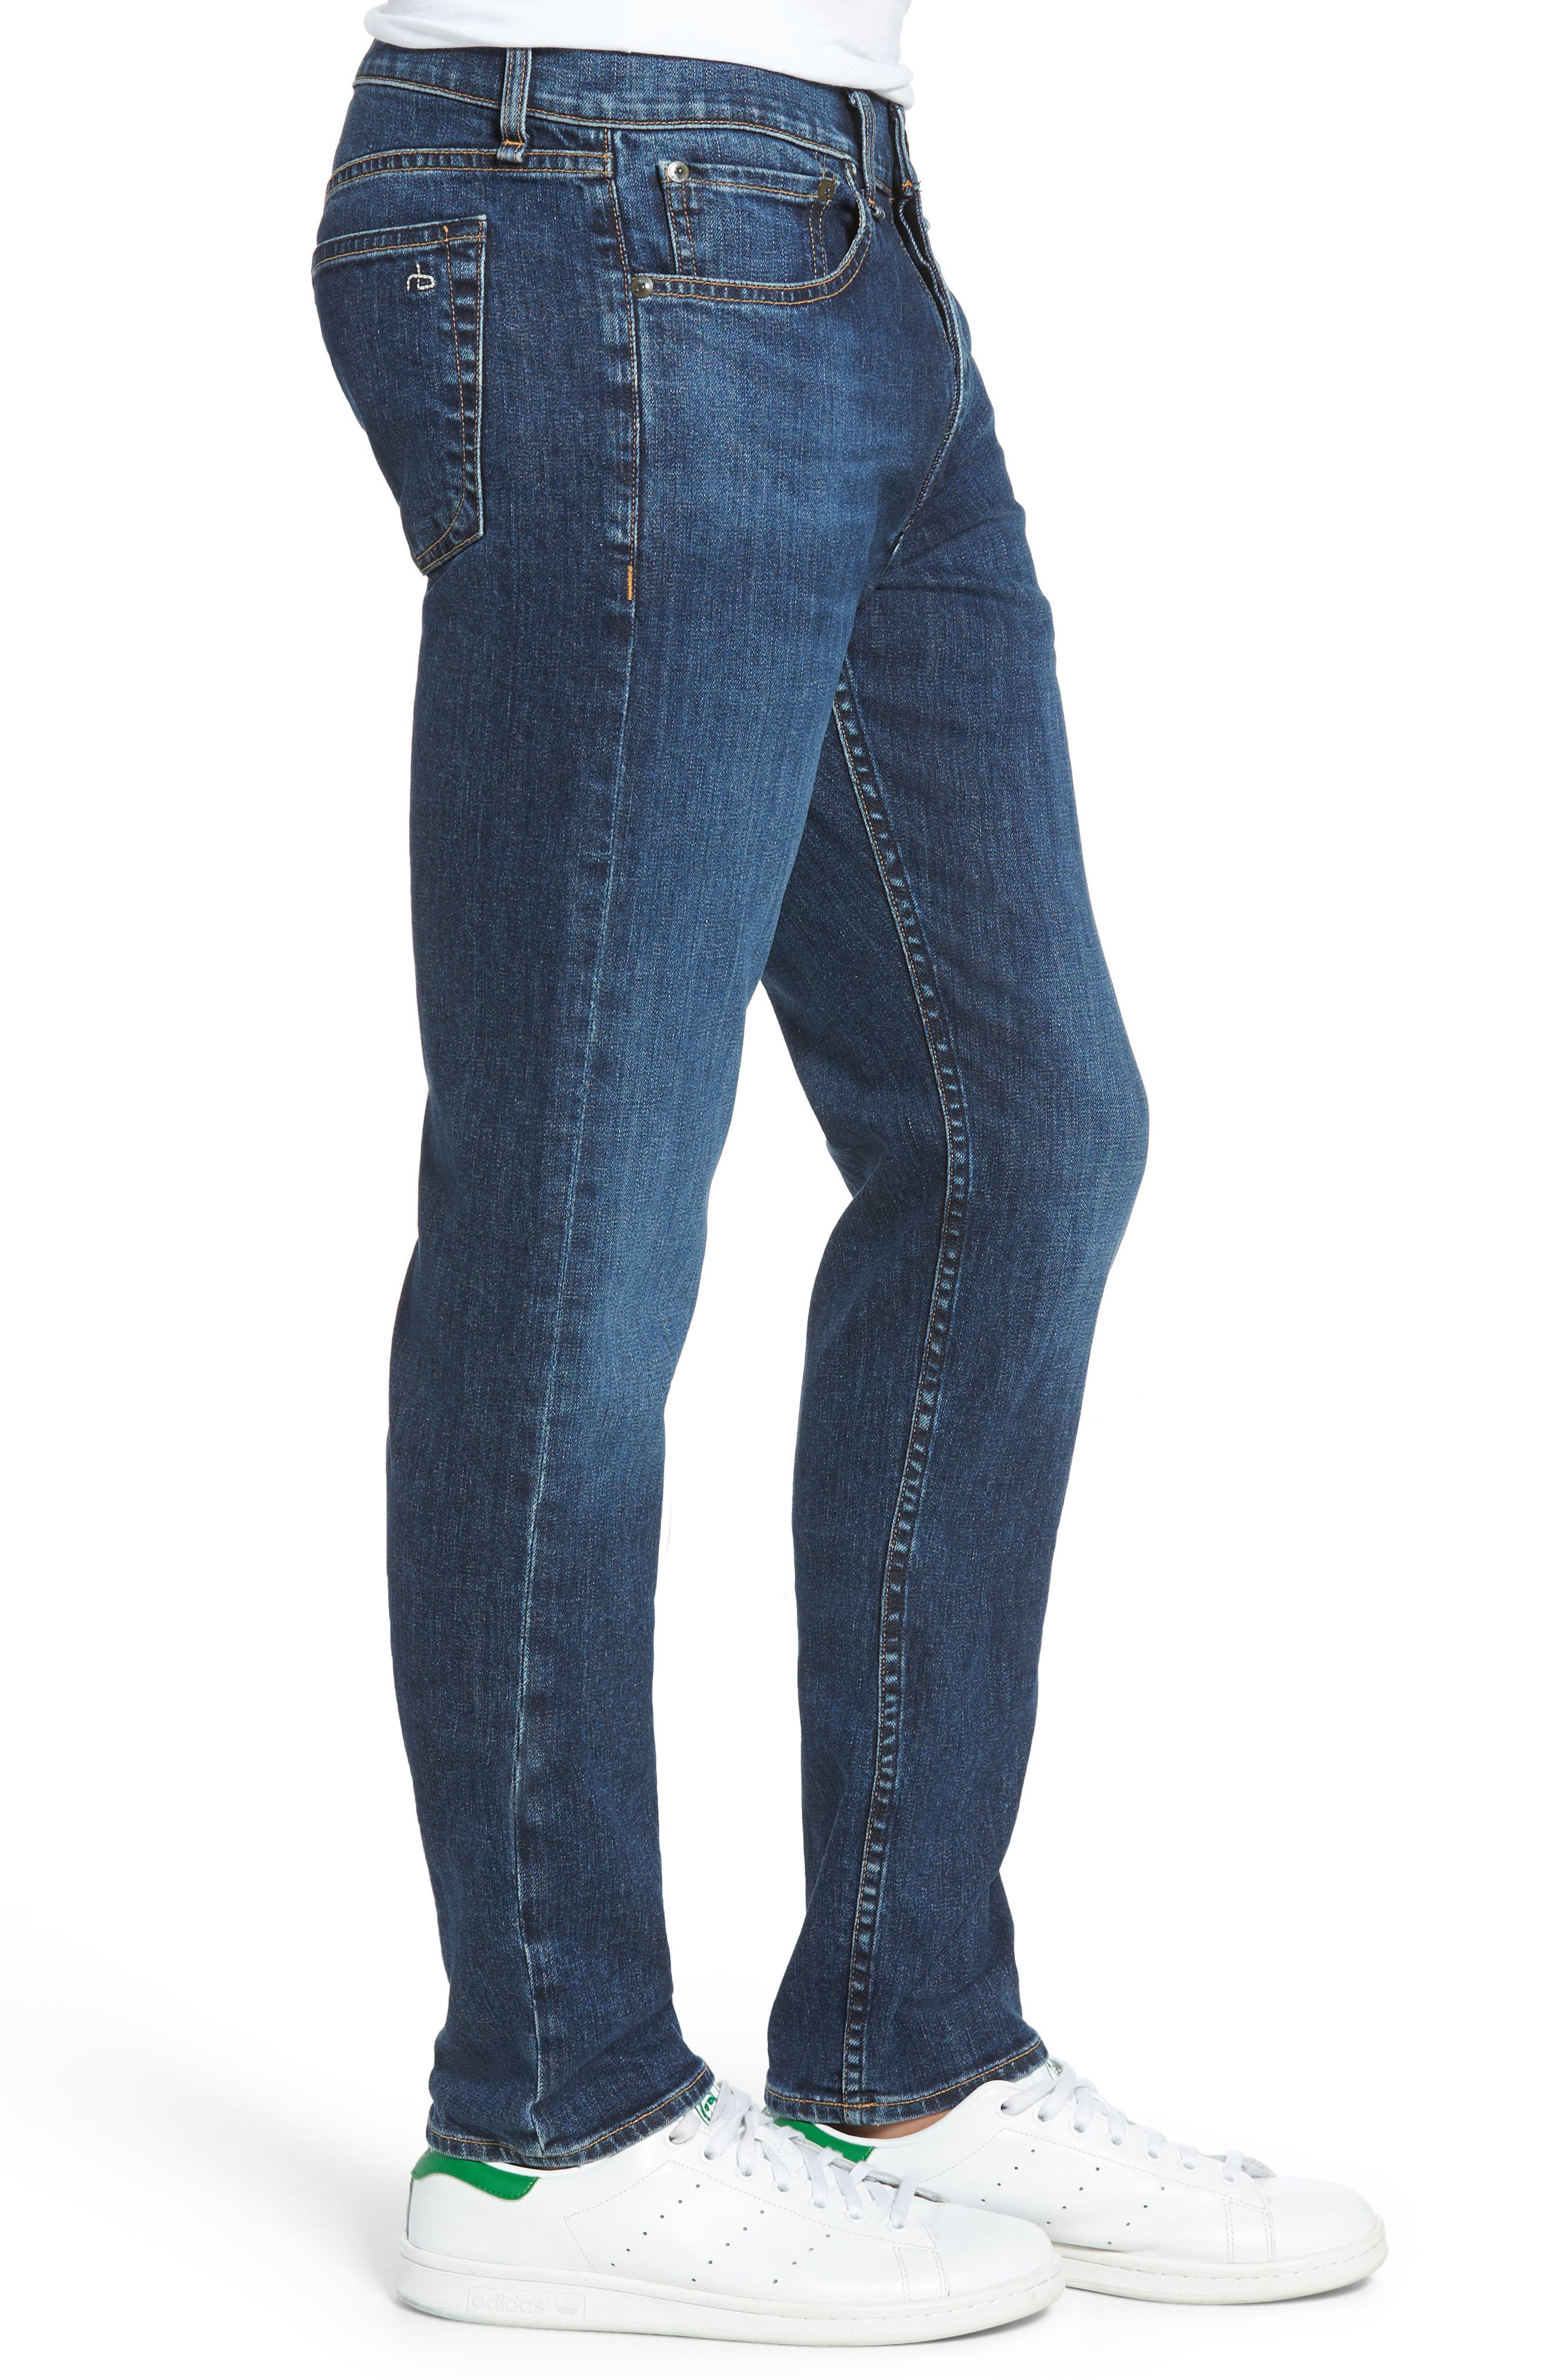 Fit 2 Slim Fit Jeans,                             Alternate thumbnail 3, color,                             423